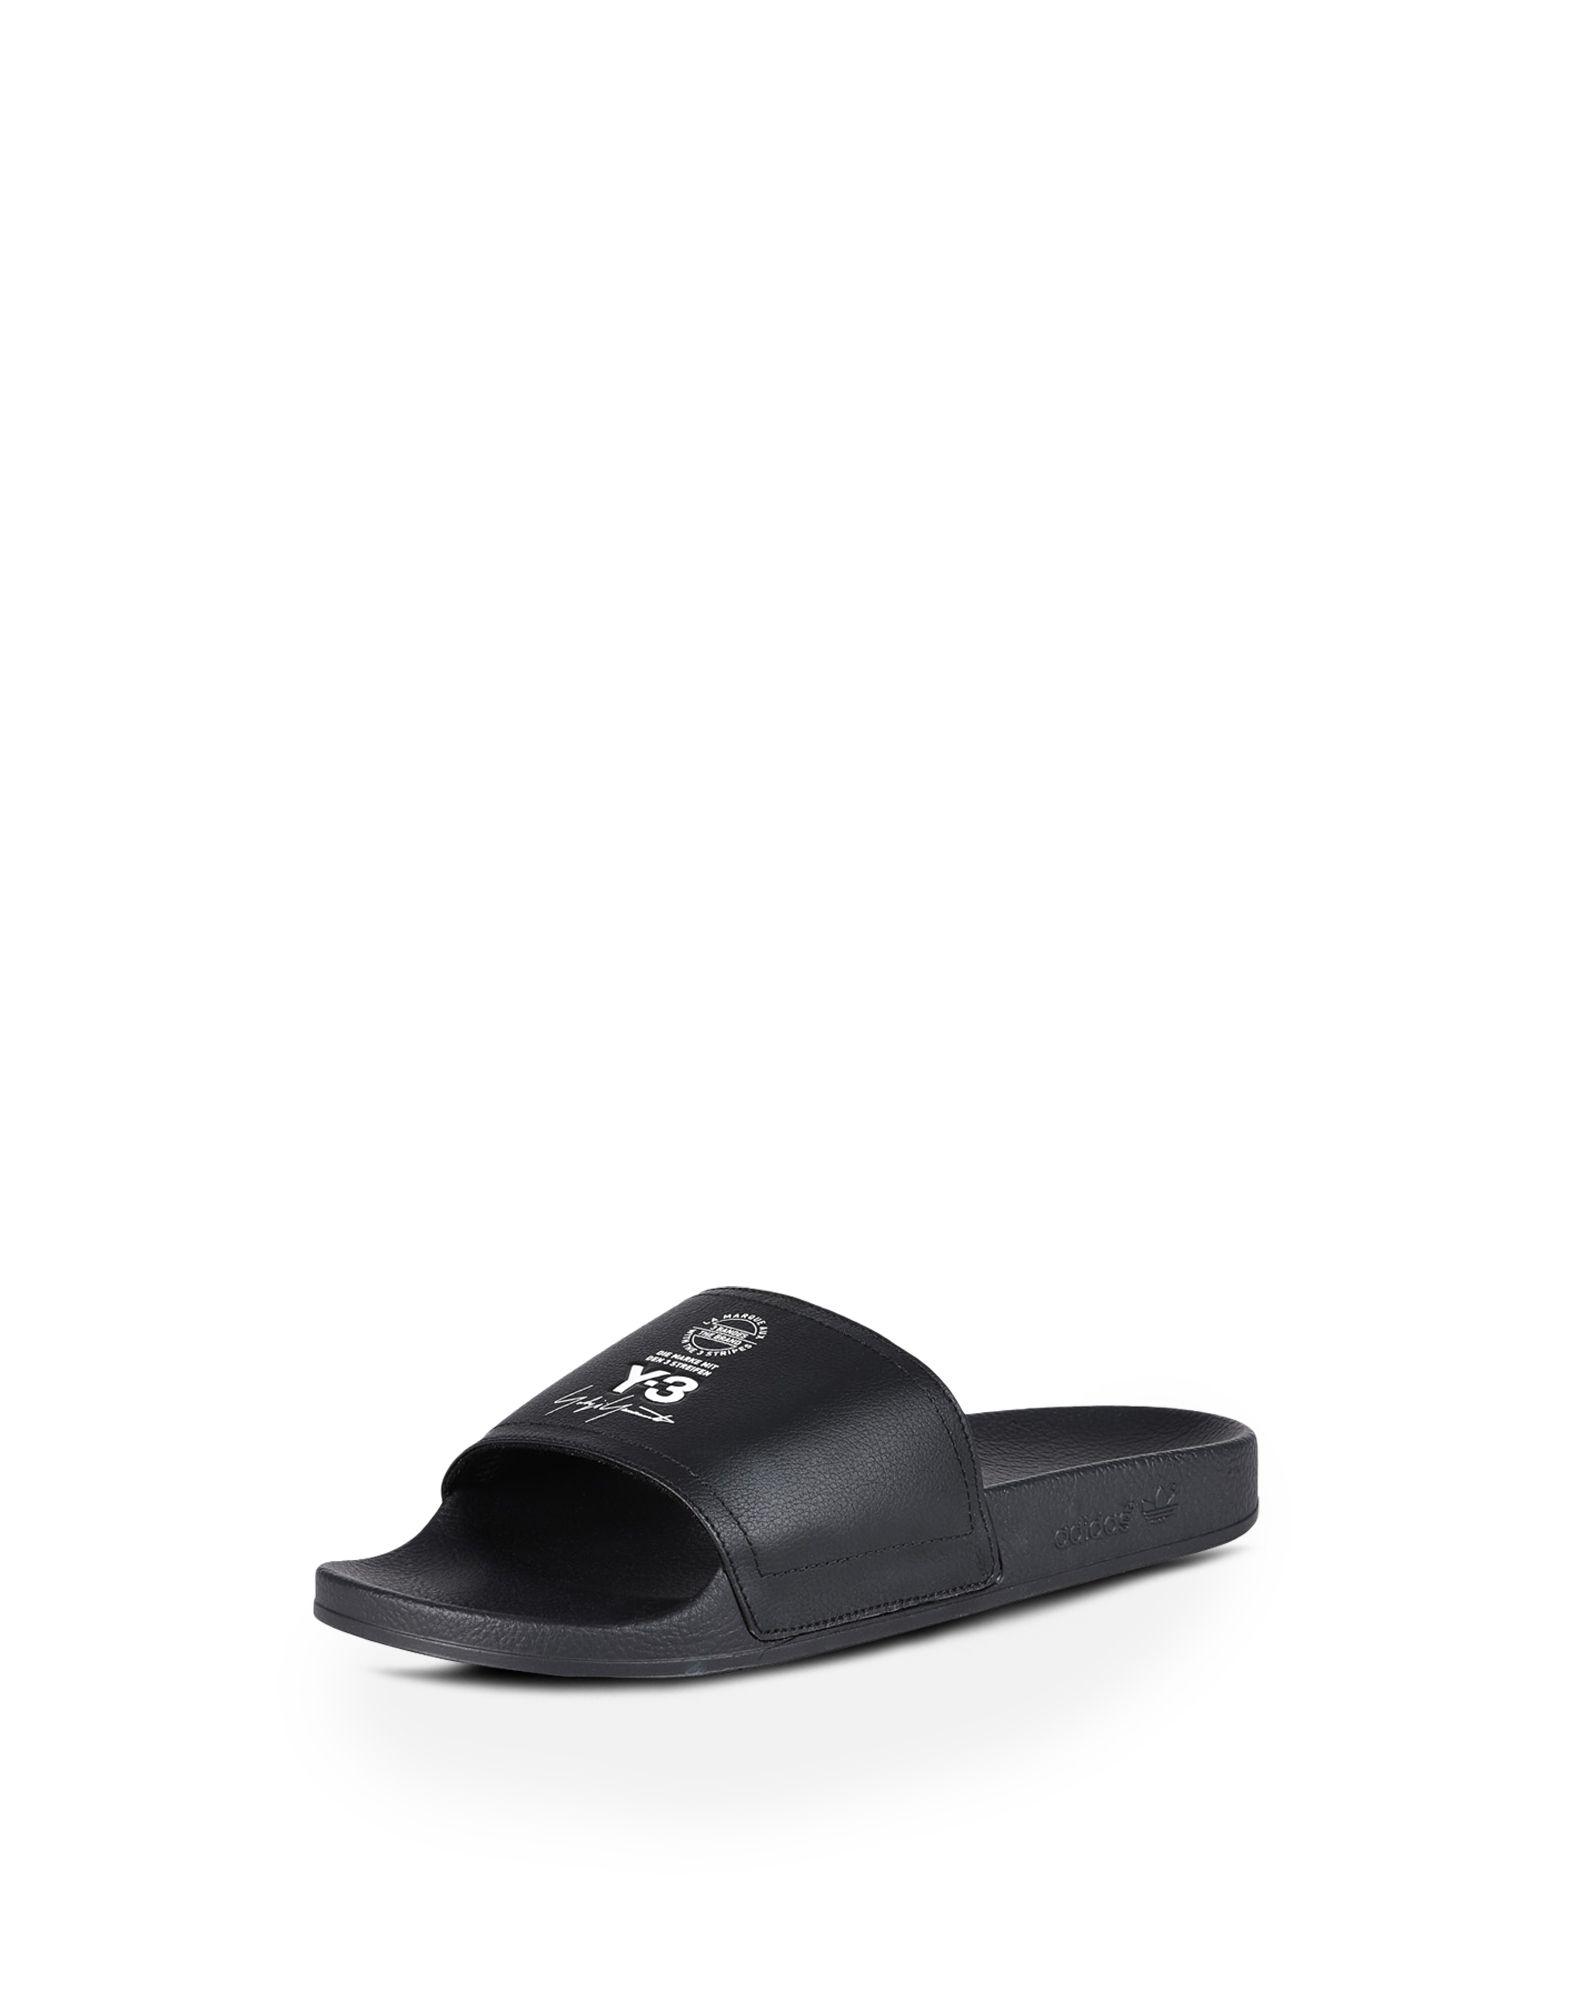 Y-3 Sandals ADILETTE leather 6rLfVGYf